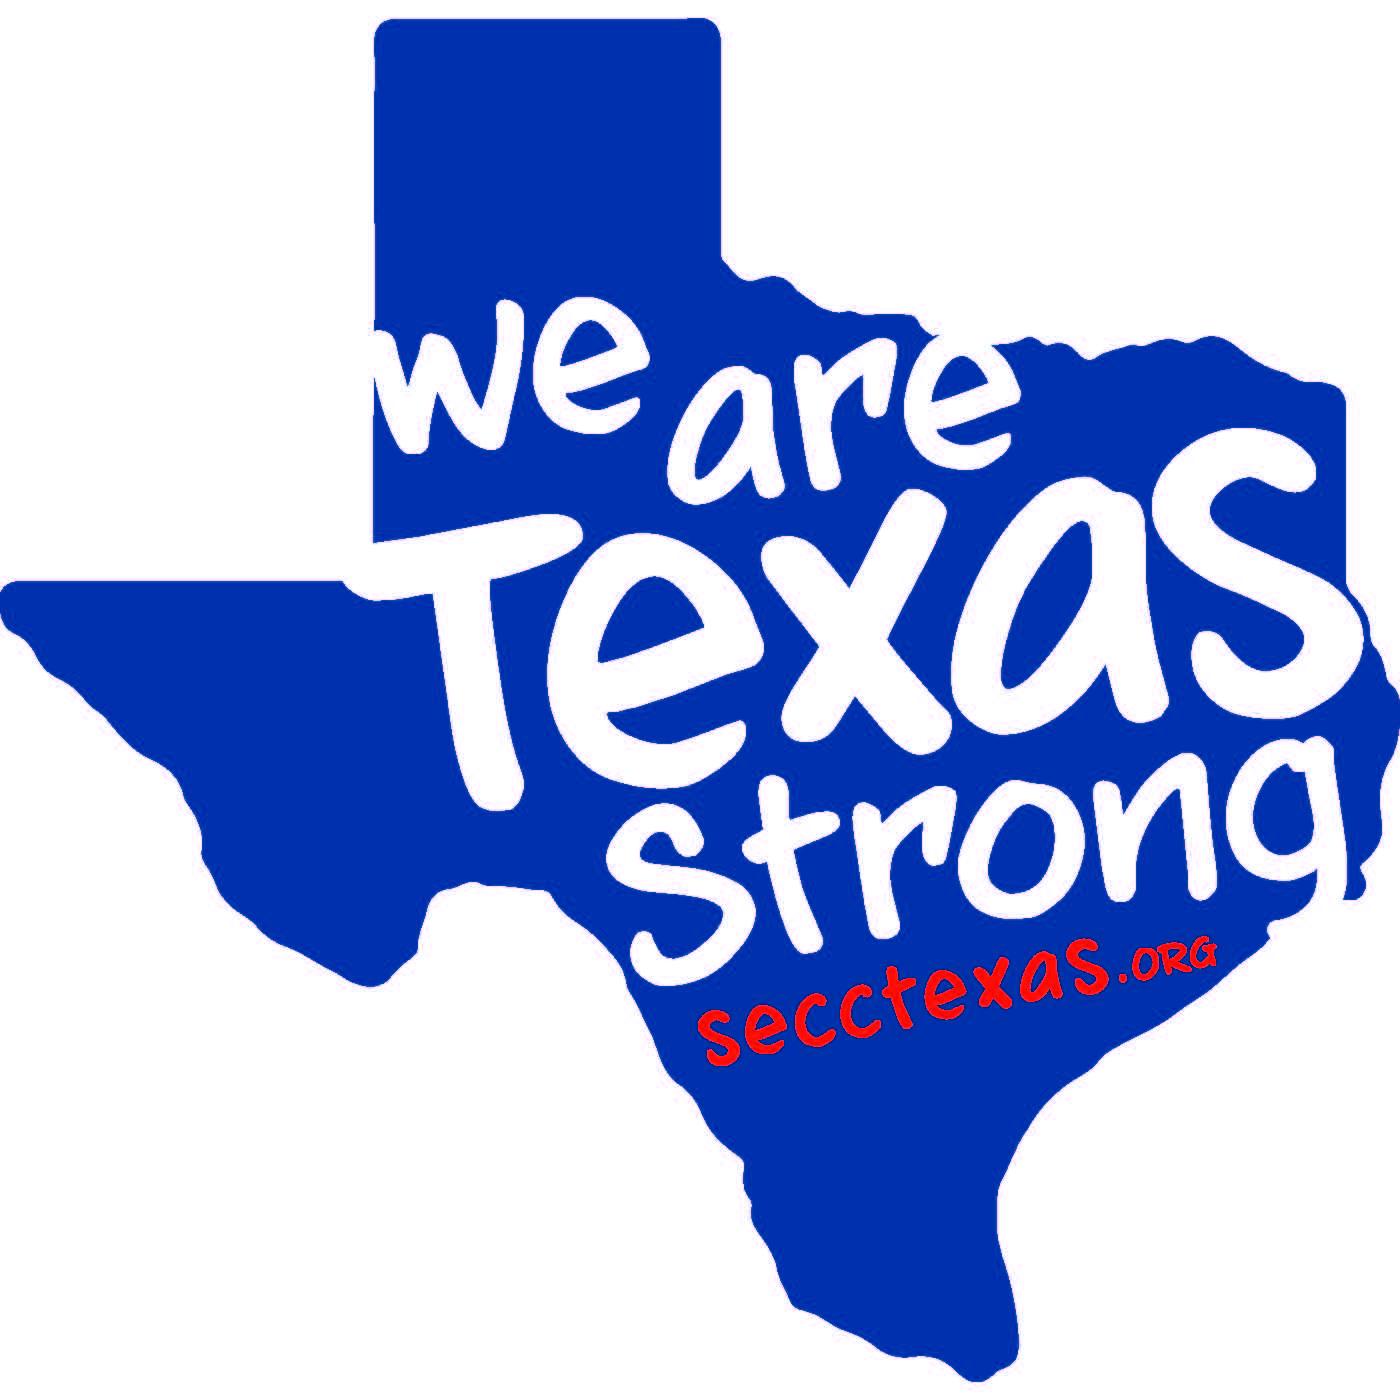 SECC Texas 2018